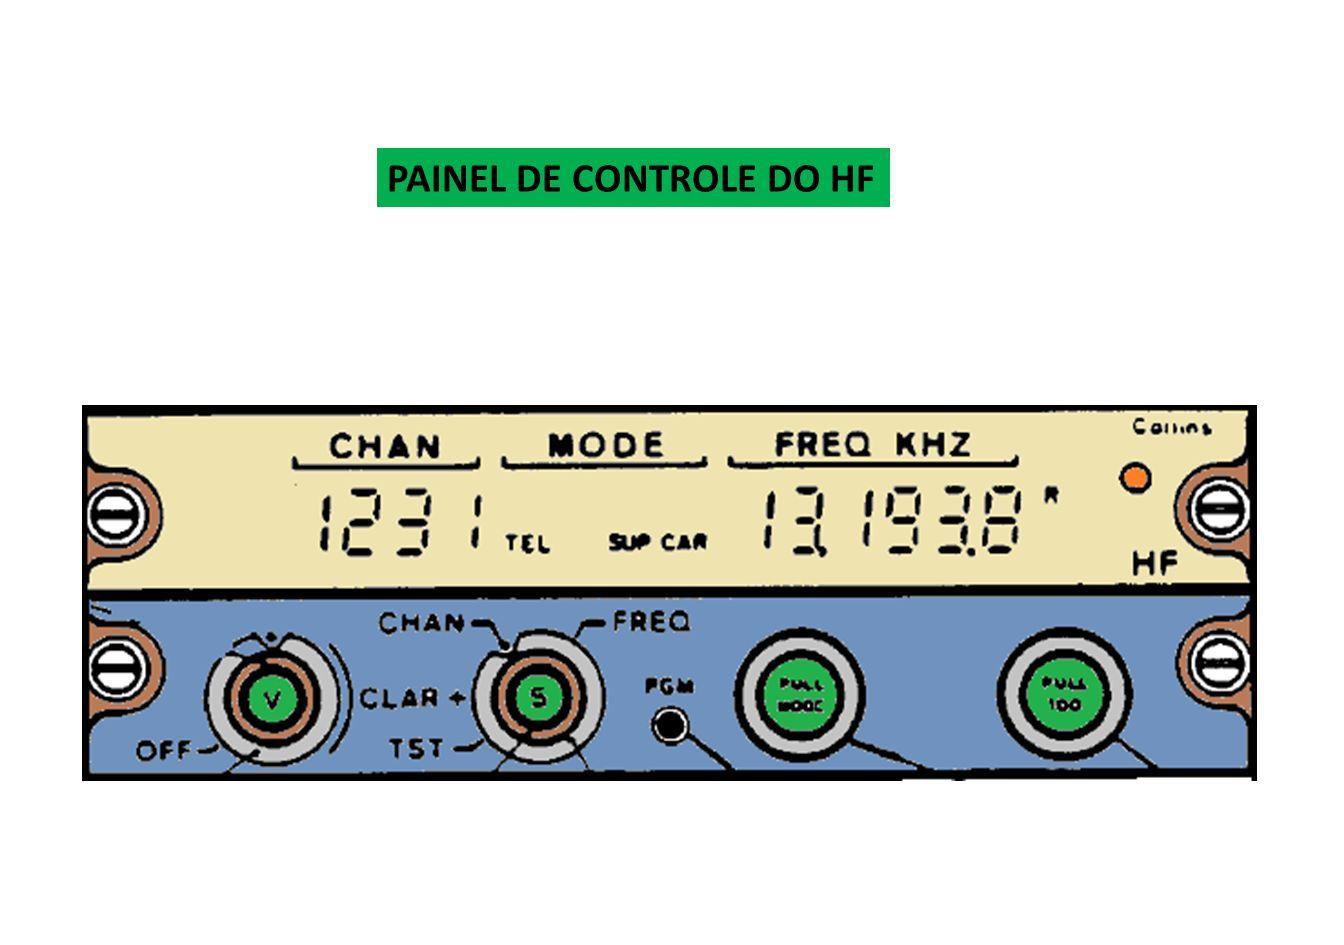 Os transmissores de HF possuem maior potência de saída que os de VHF.